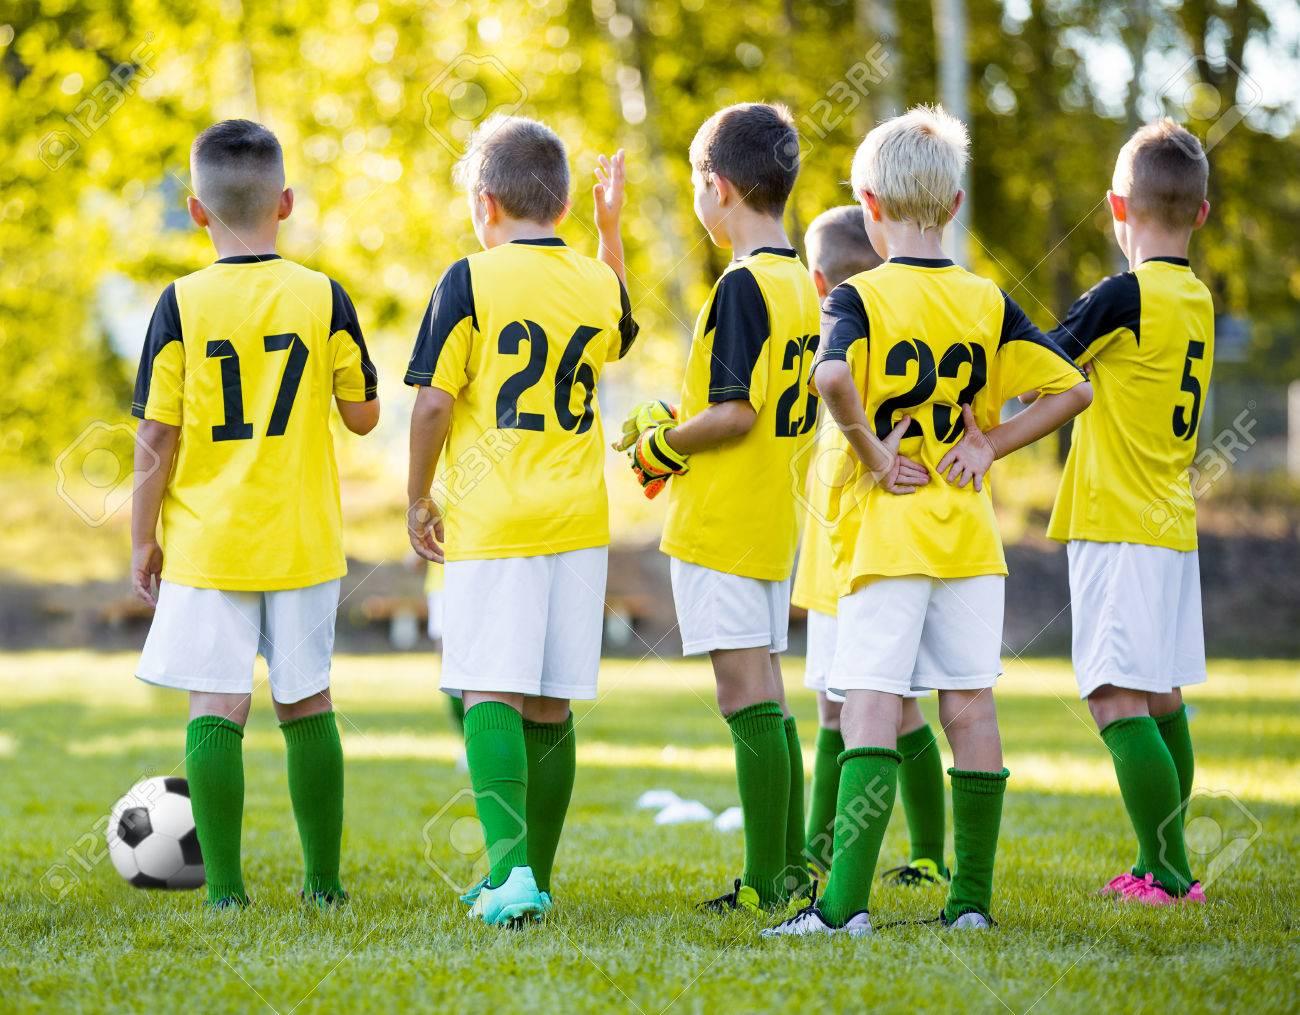 780b8ee2455de Juvenil De Fútbol Entrenamiento De Fútbol. Los Muchachos De Fútbol De  Entrenamiento En Campo De Deportes. Grupo De Jugadores De Fútbol Jóvenes Con  Camisas ...